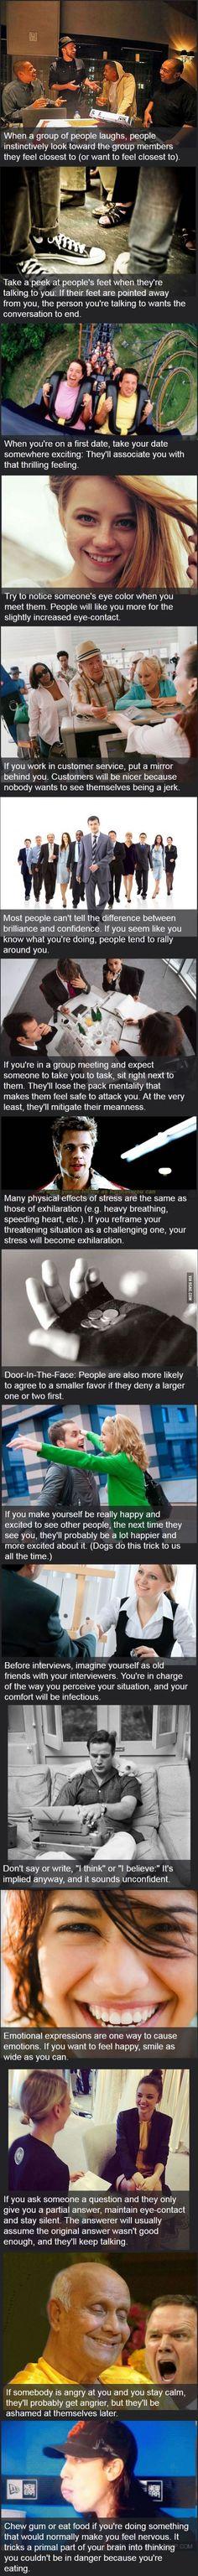 16 Useful Mental Life Hacks                                                                                                                                                     More